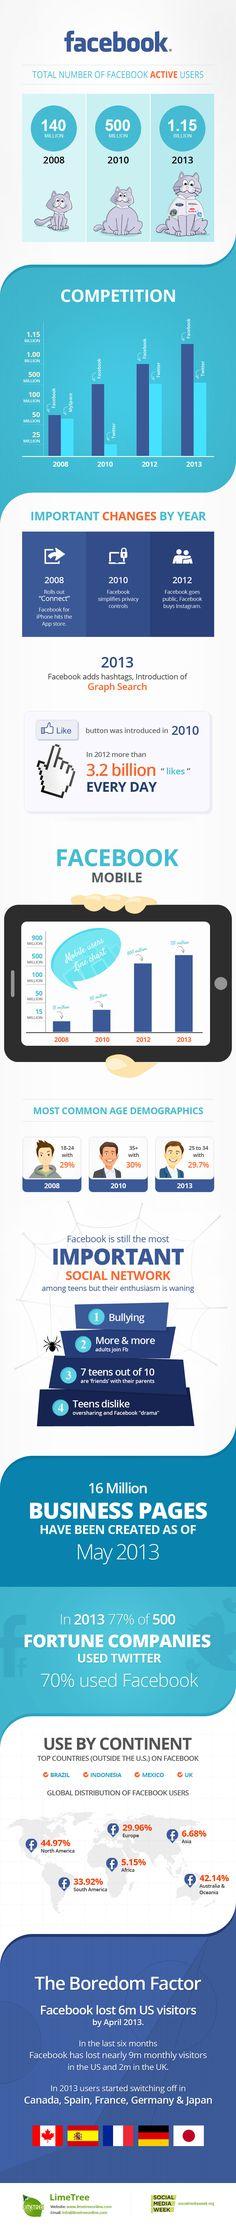 Infographic: Face(book) Value [INFOGRAPHIC]... va perdiendo usuarios.... Twitter le supera en uso por empresas (500 Fortune)